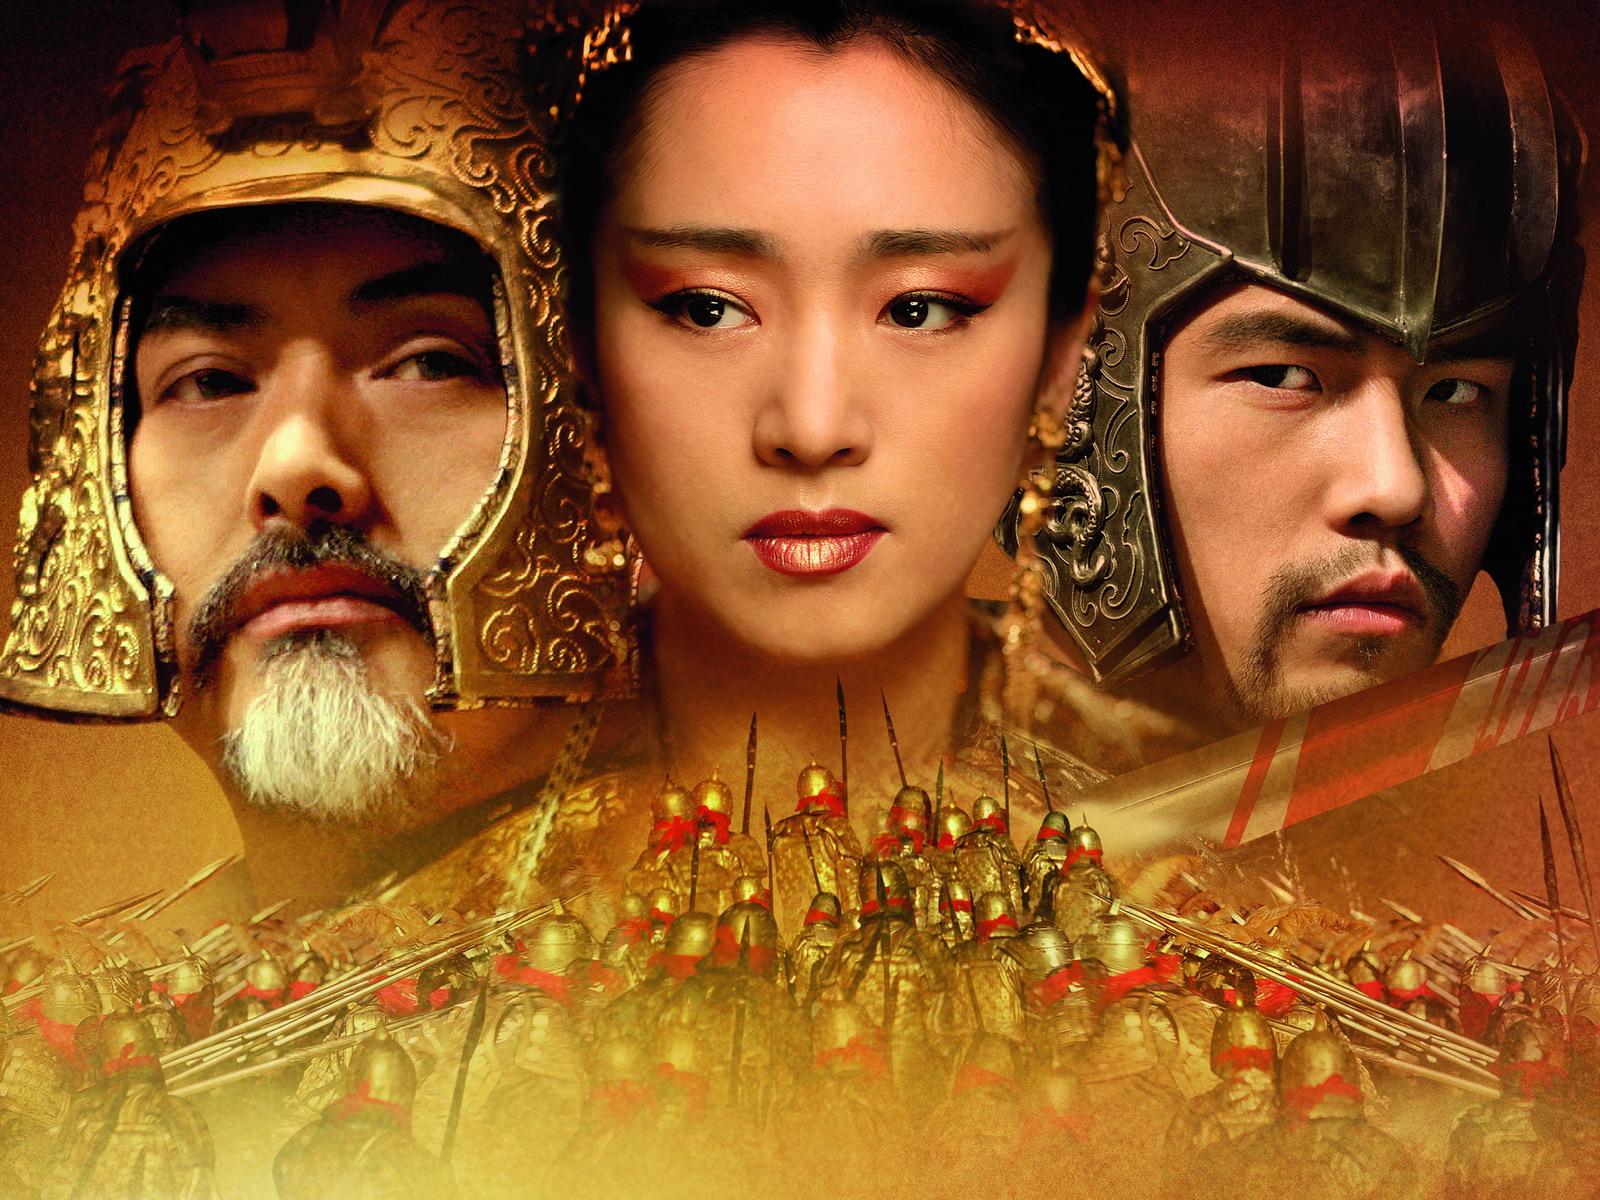 старый азиатский фильм - 6